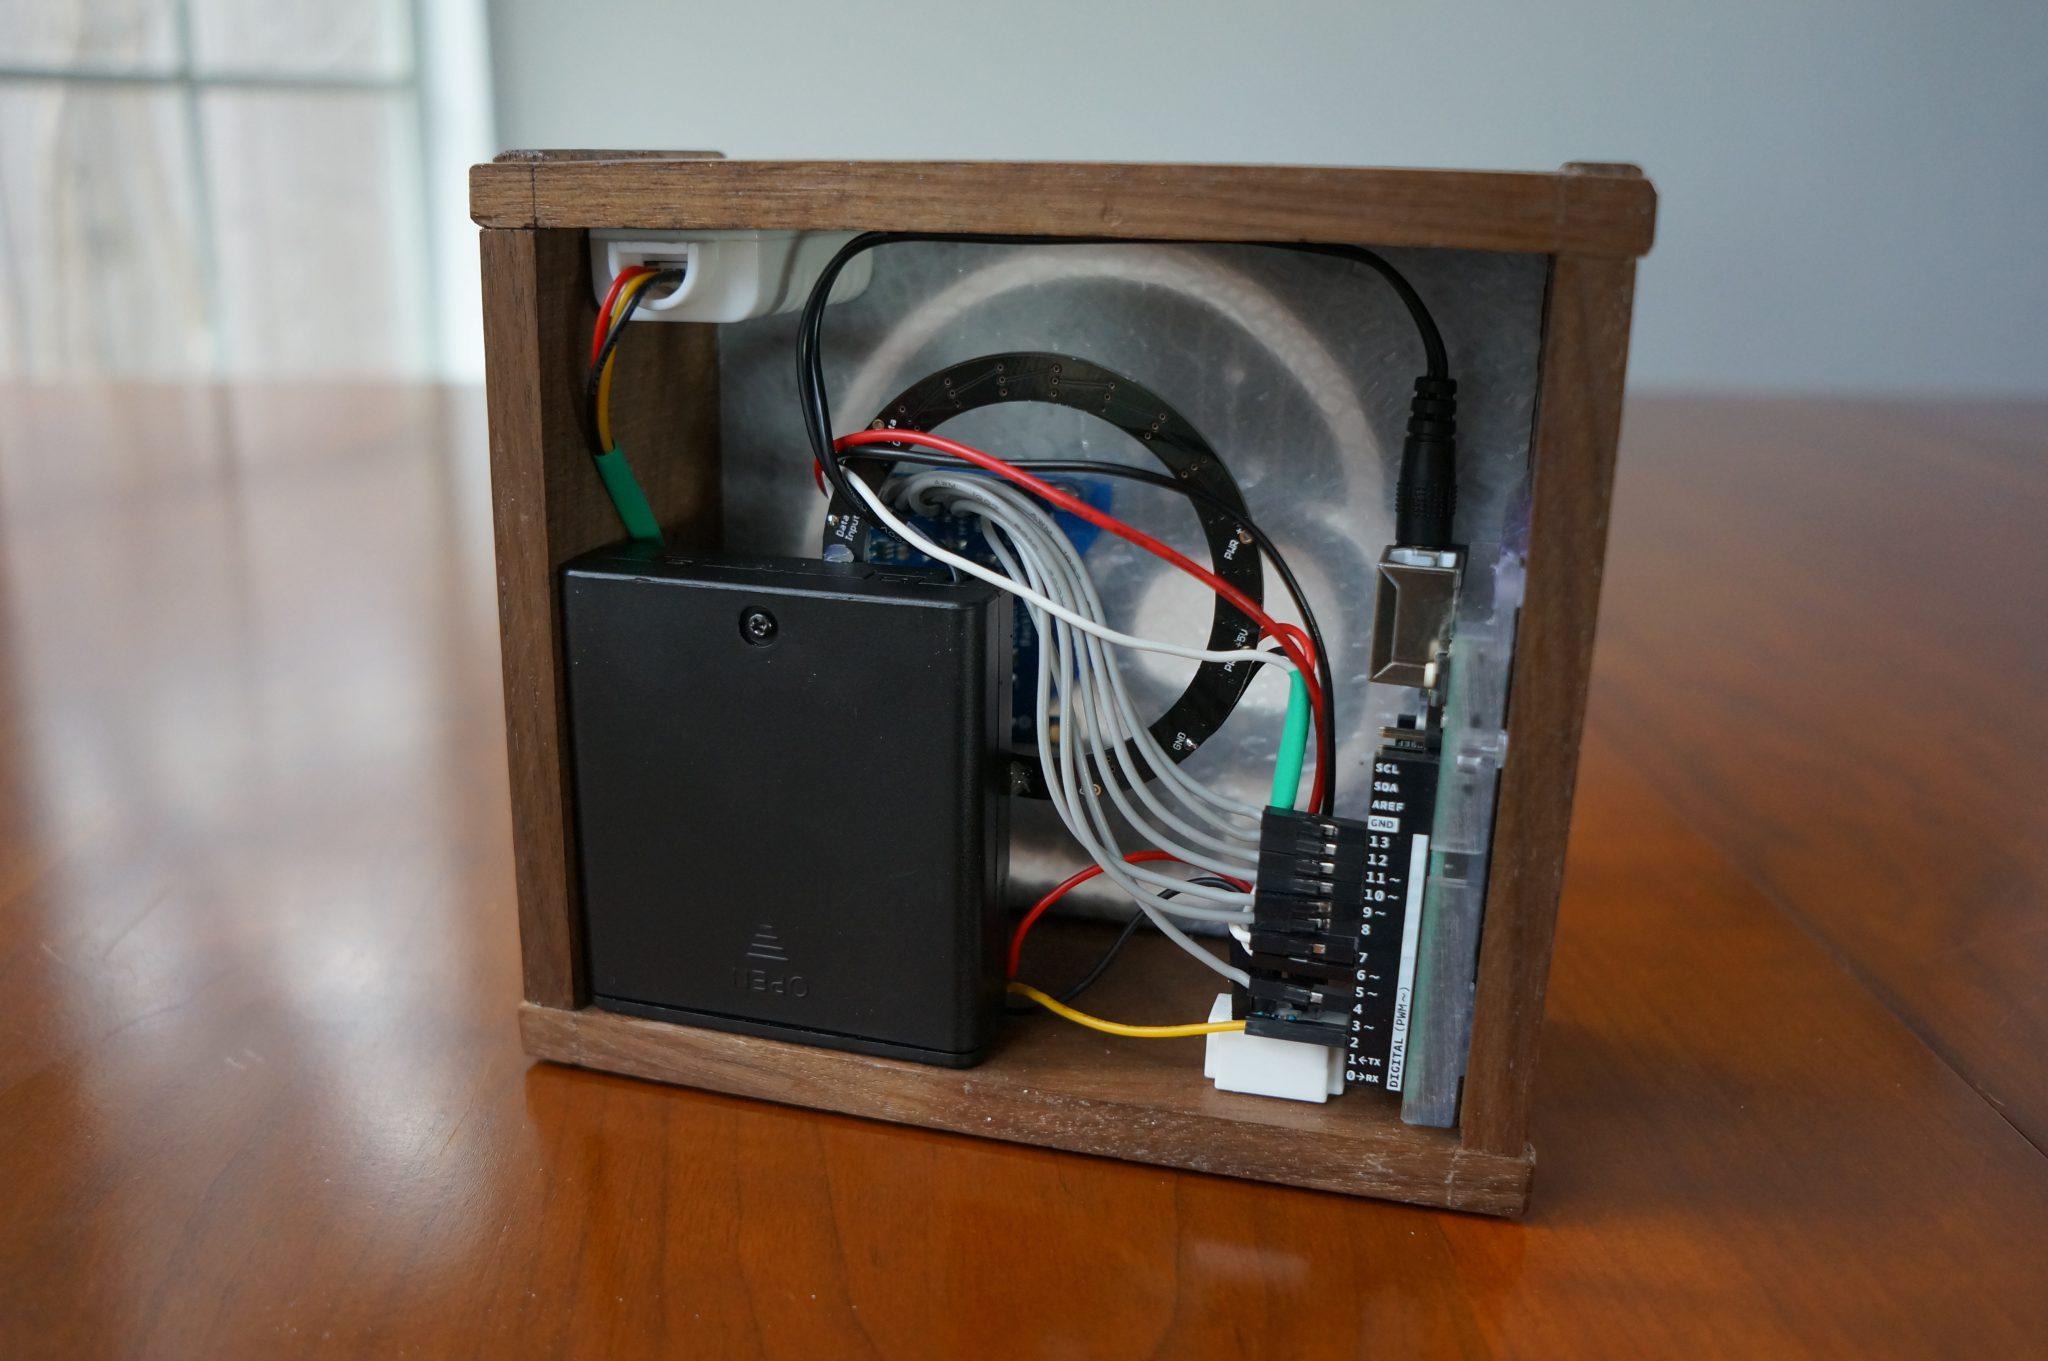 Фото компоновки мониторас датчиком температур и влажности